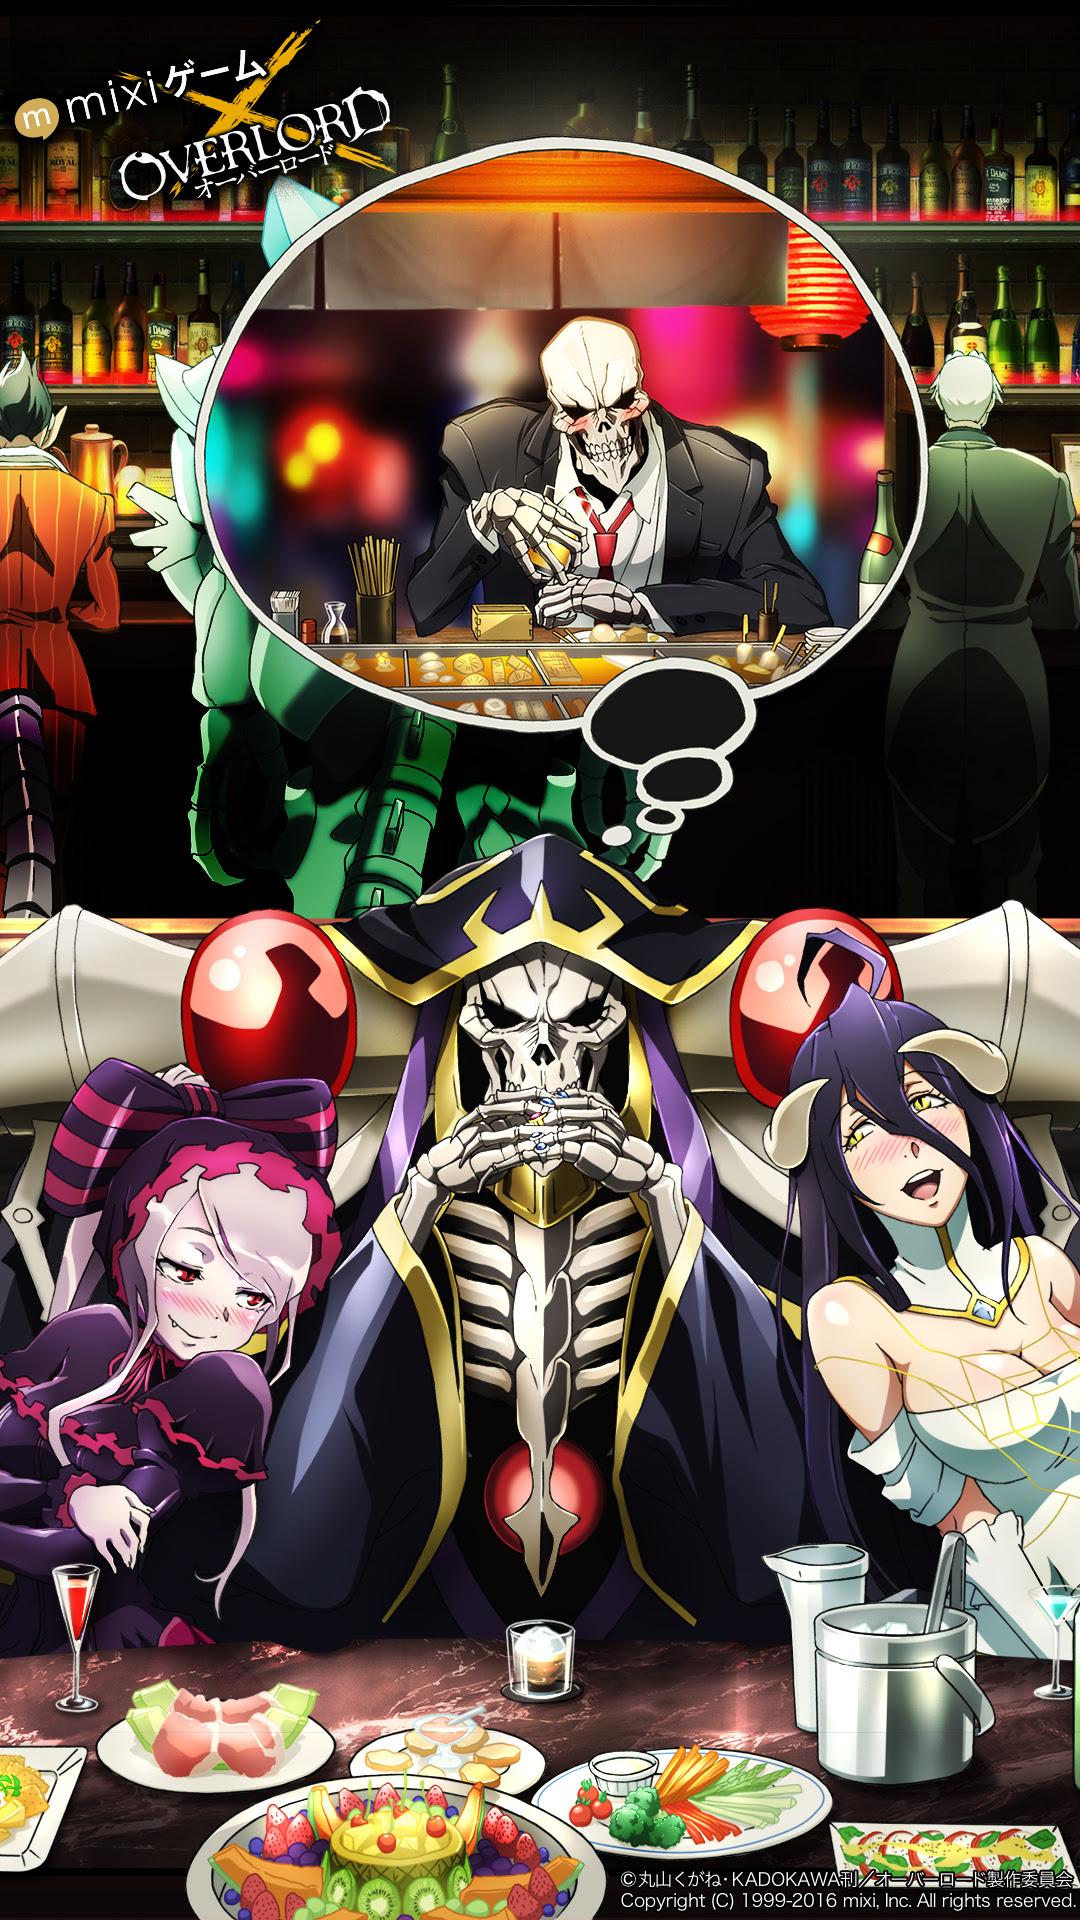 Mixiゲーム Tvアニメ オーバーロード のタイアップキャンペーンを